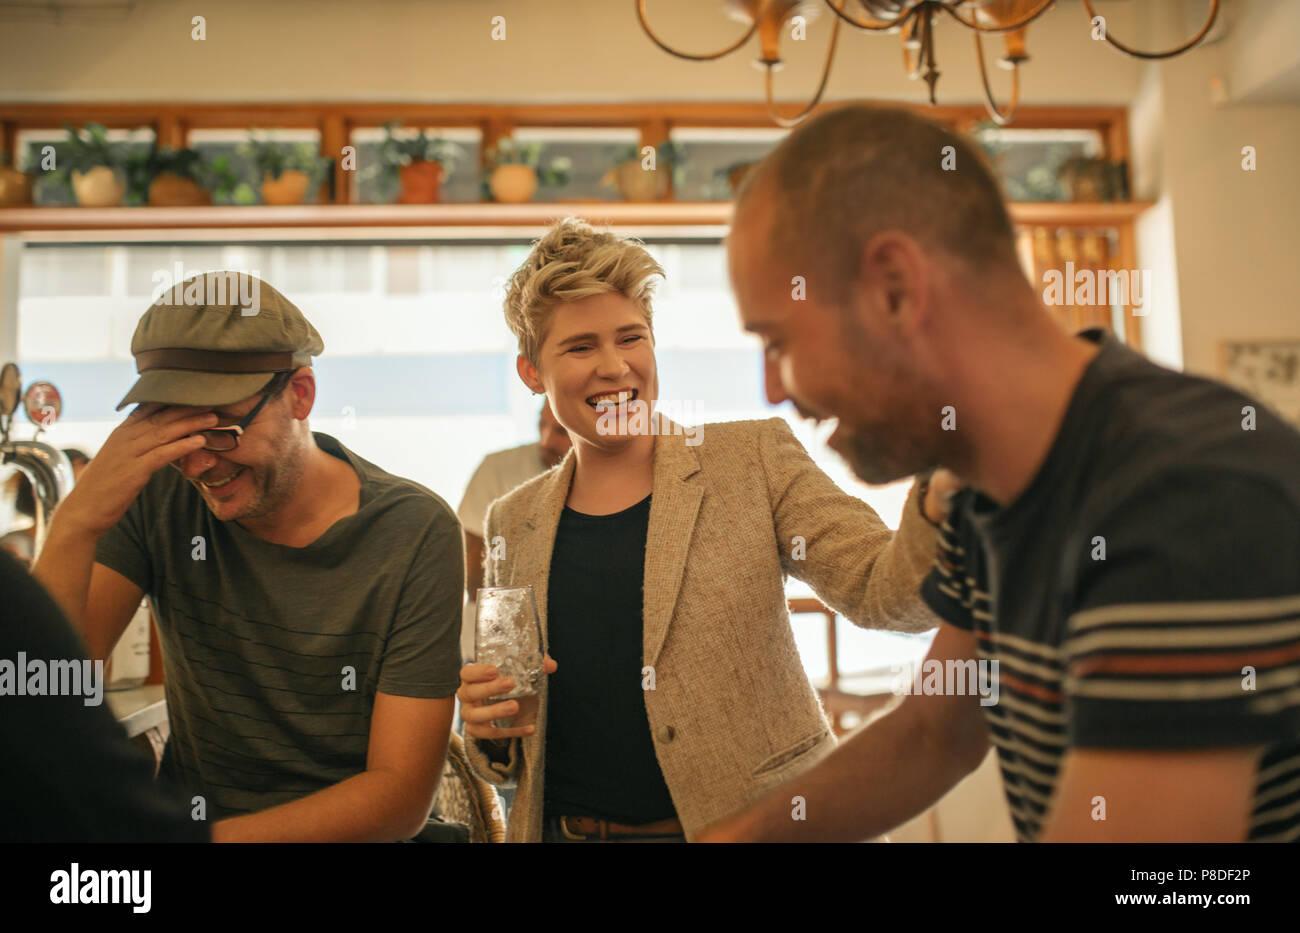 Amigos riendo y bebiendo juntos en un bar. Imagen De Stock